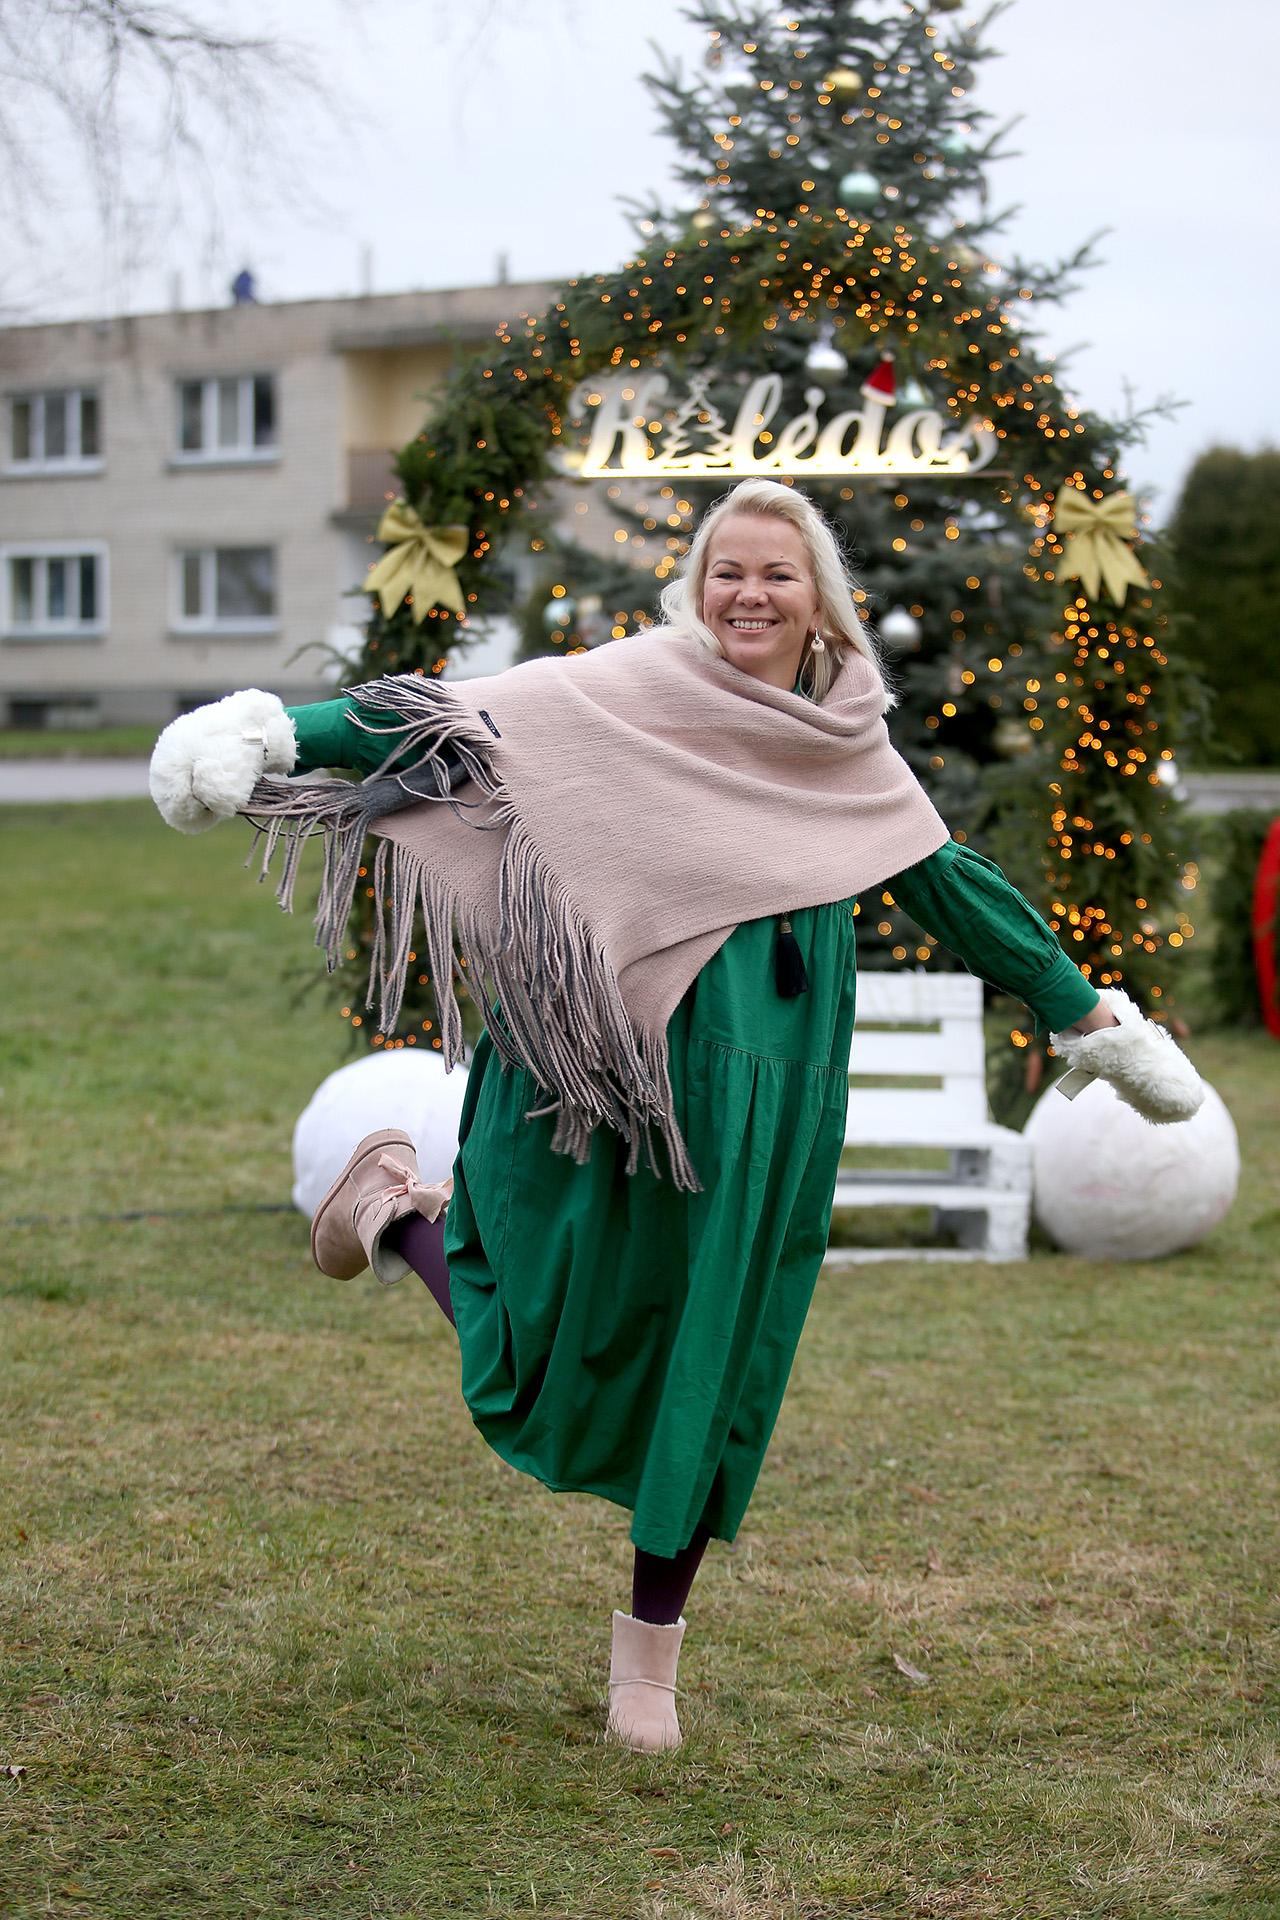 """Labūnavos pagrindinės mokyklos """"Ąžuoliuko"""" skyriaus bendruomenės kompoziciją kūrė auklėtoja Kristina Gadišauskienė. / A. Barzdžiaus nuotr."""